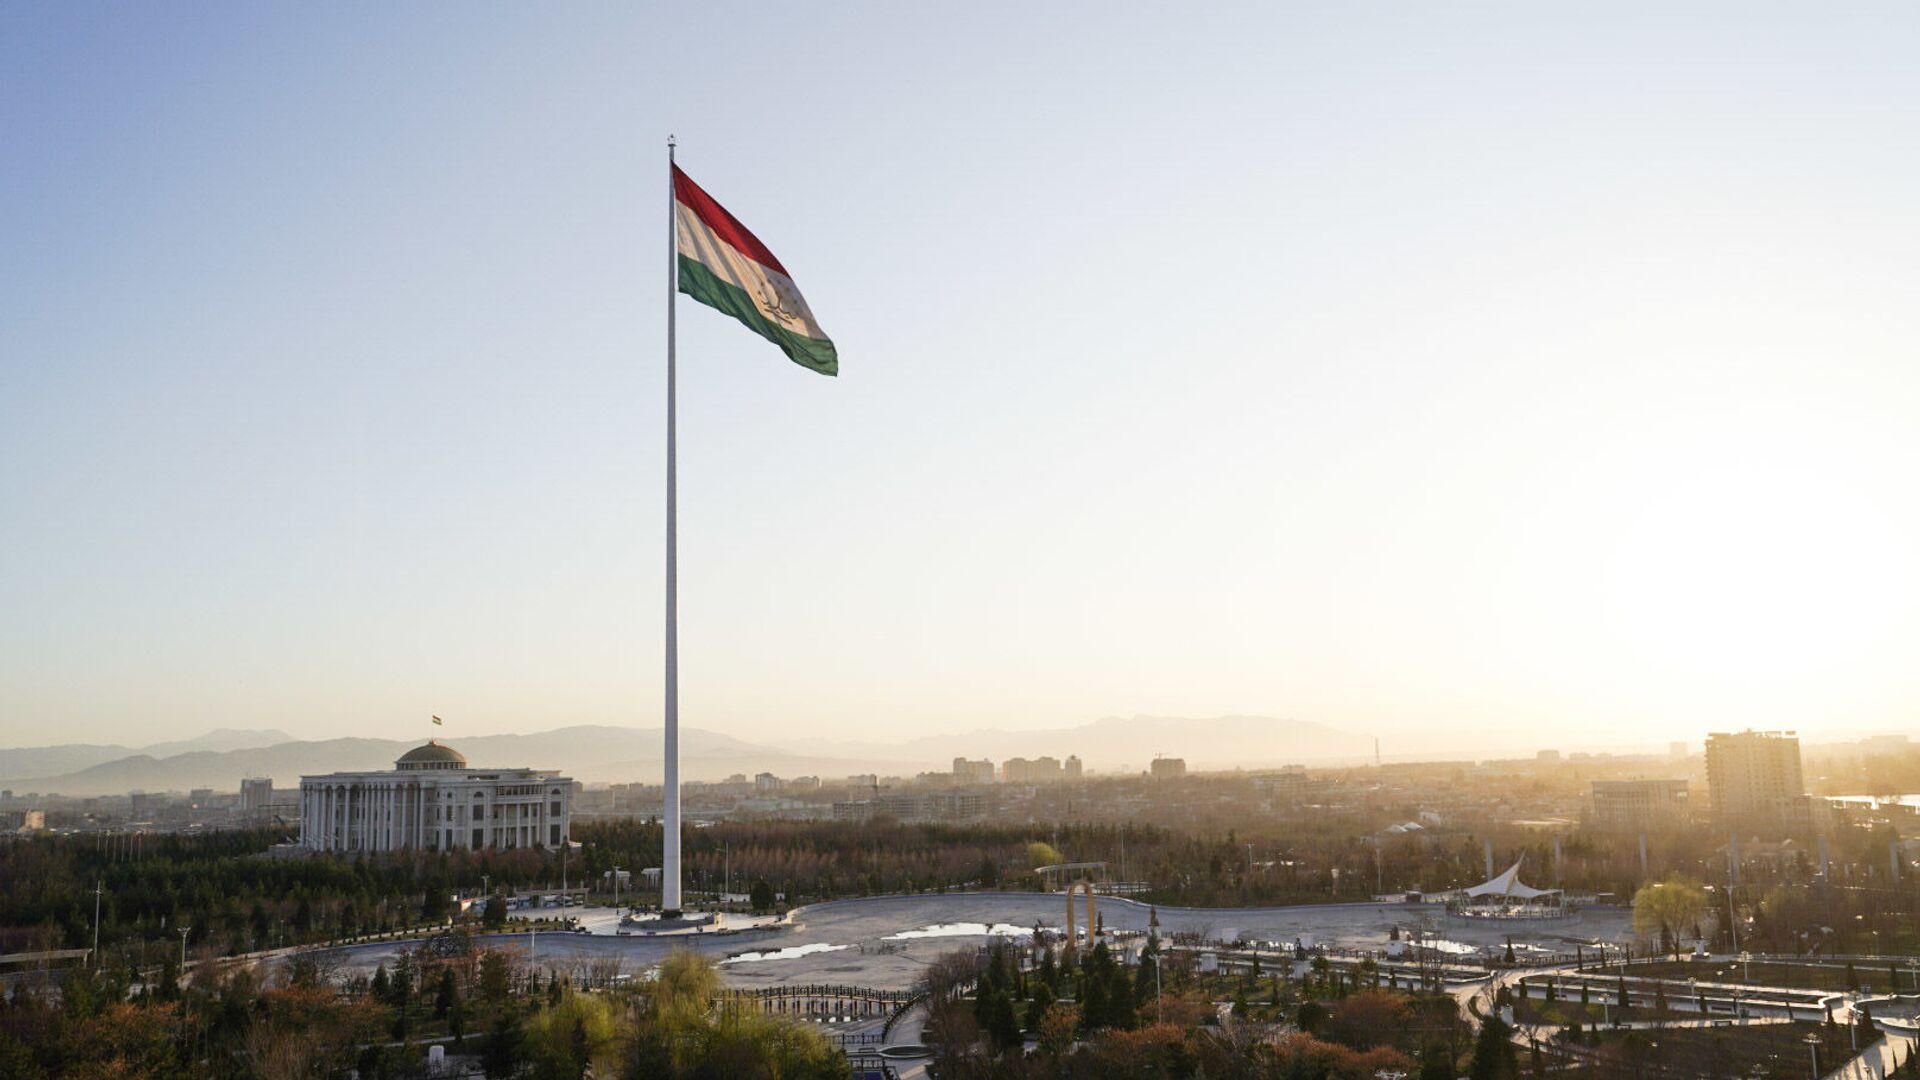 Вид на Дворец президента в Душанбе - Sputnik Тоҷикистон, 1920, 12.08.2021